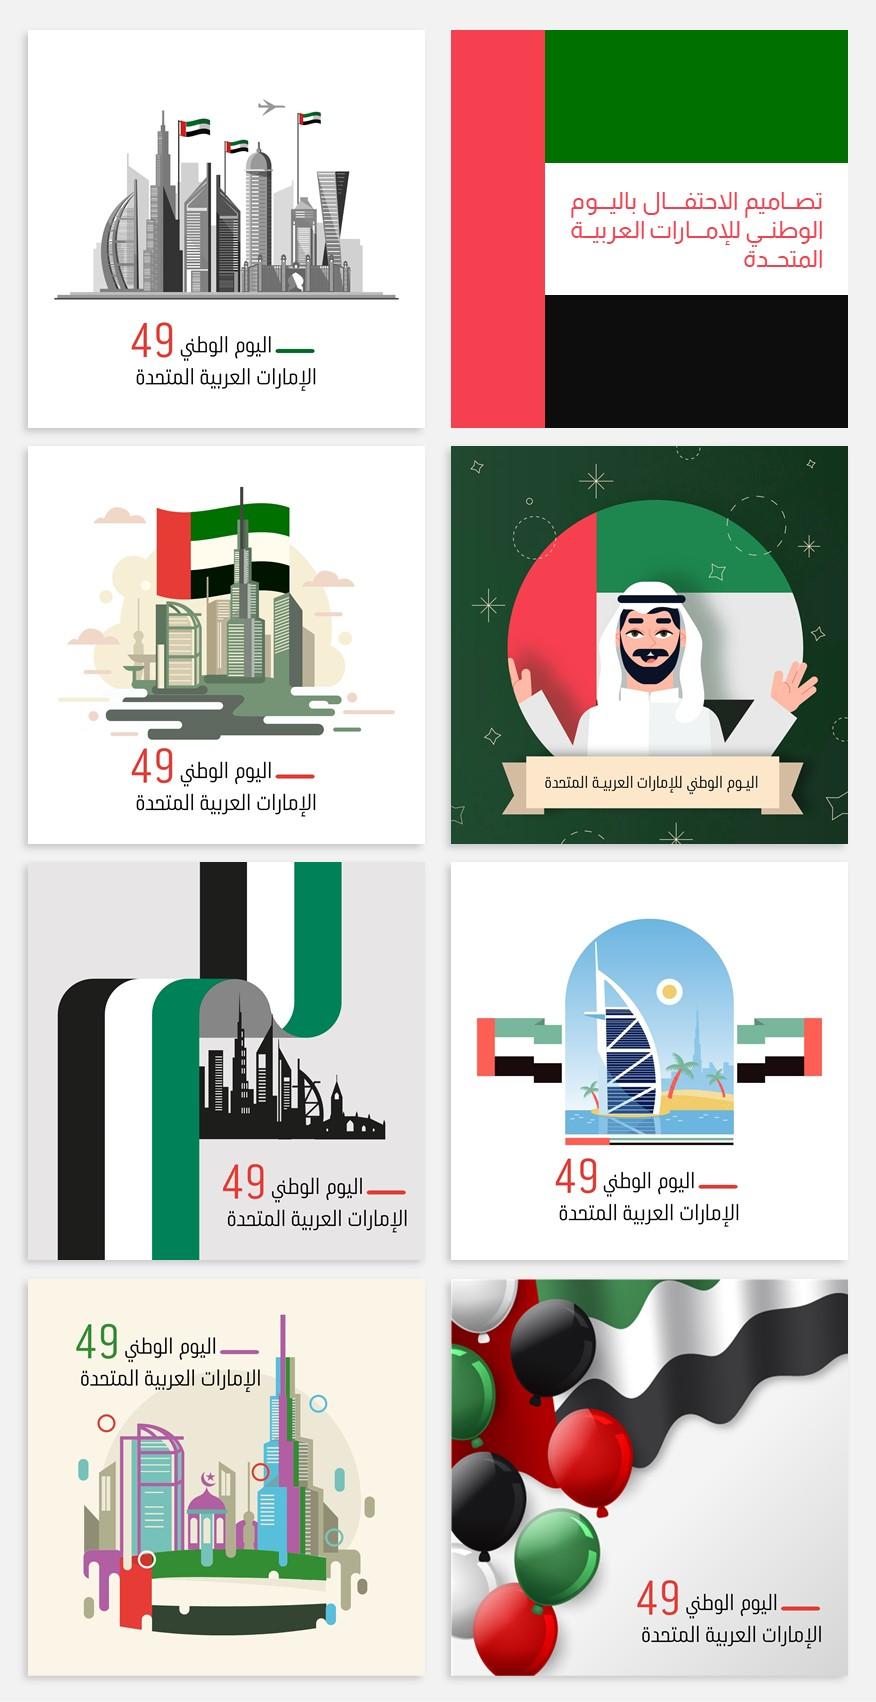 تحميل تصاميم الاحتفال باليوم الوطني 49 للإمارات ادركها بوربوينت United Arab Emirates The Unit Emirates